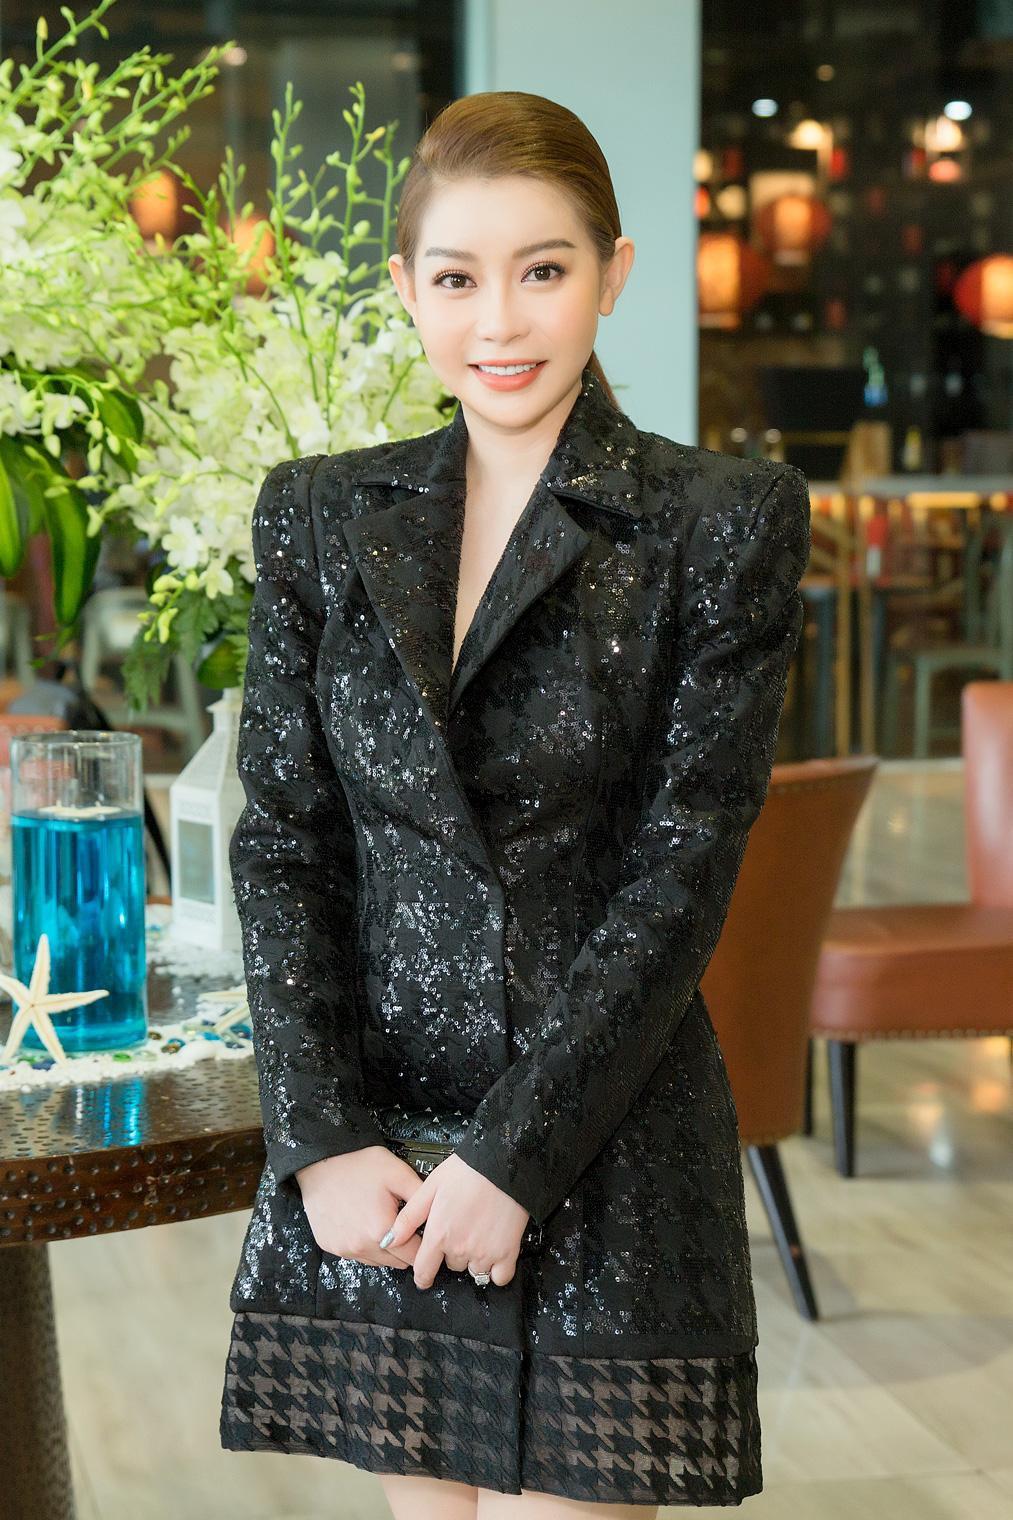 Siêu mẫu Minh Trung được bổ nhiệm làm giám đốc quốc gia Mister Supranational - Ảnh 6.